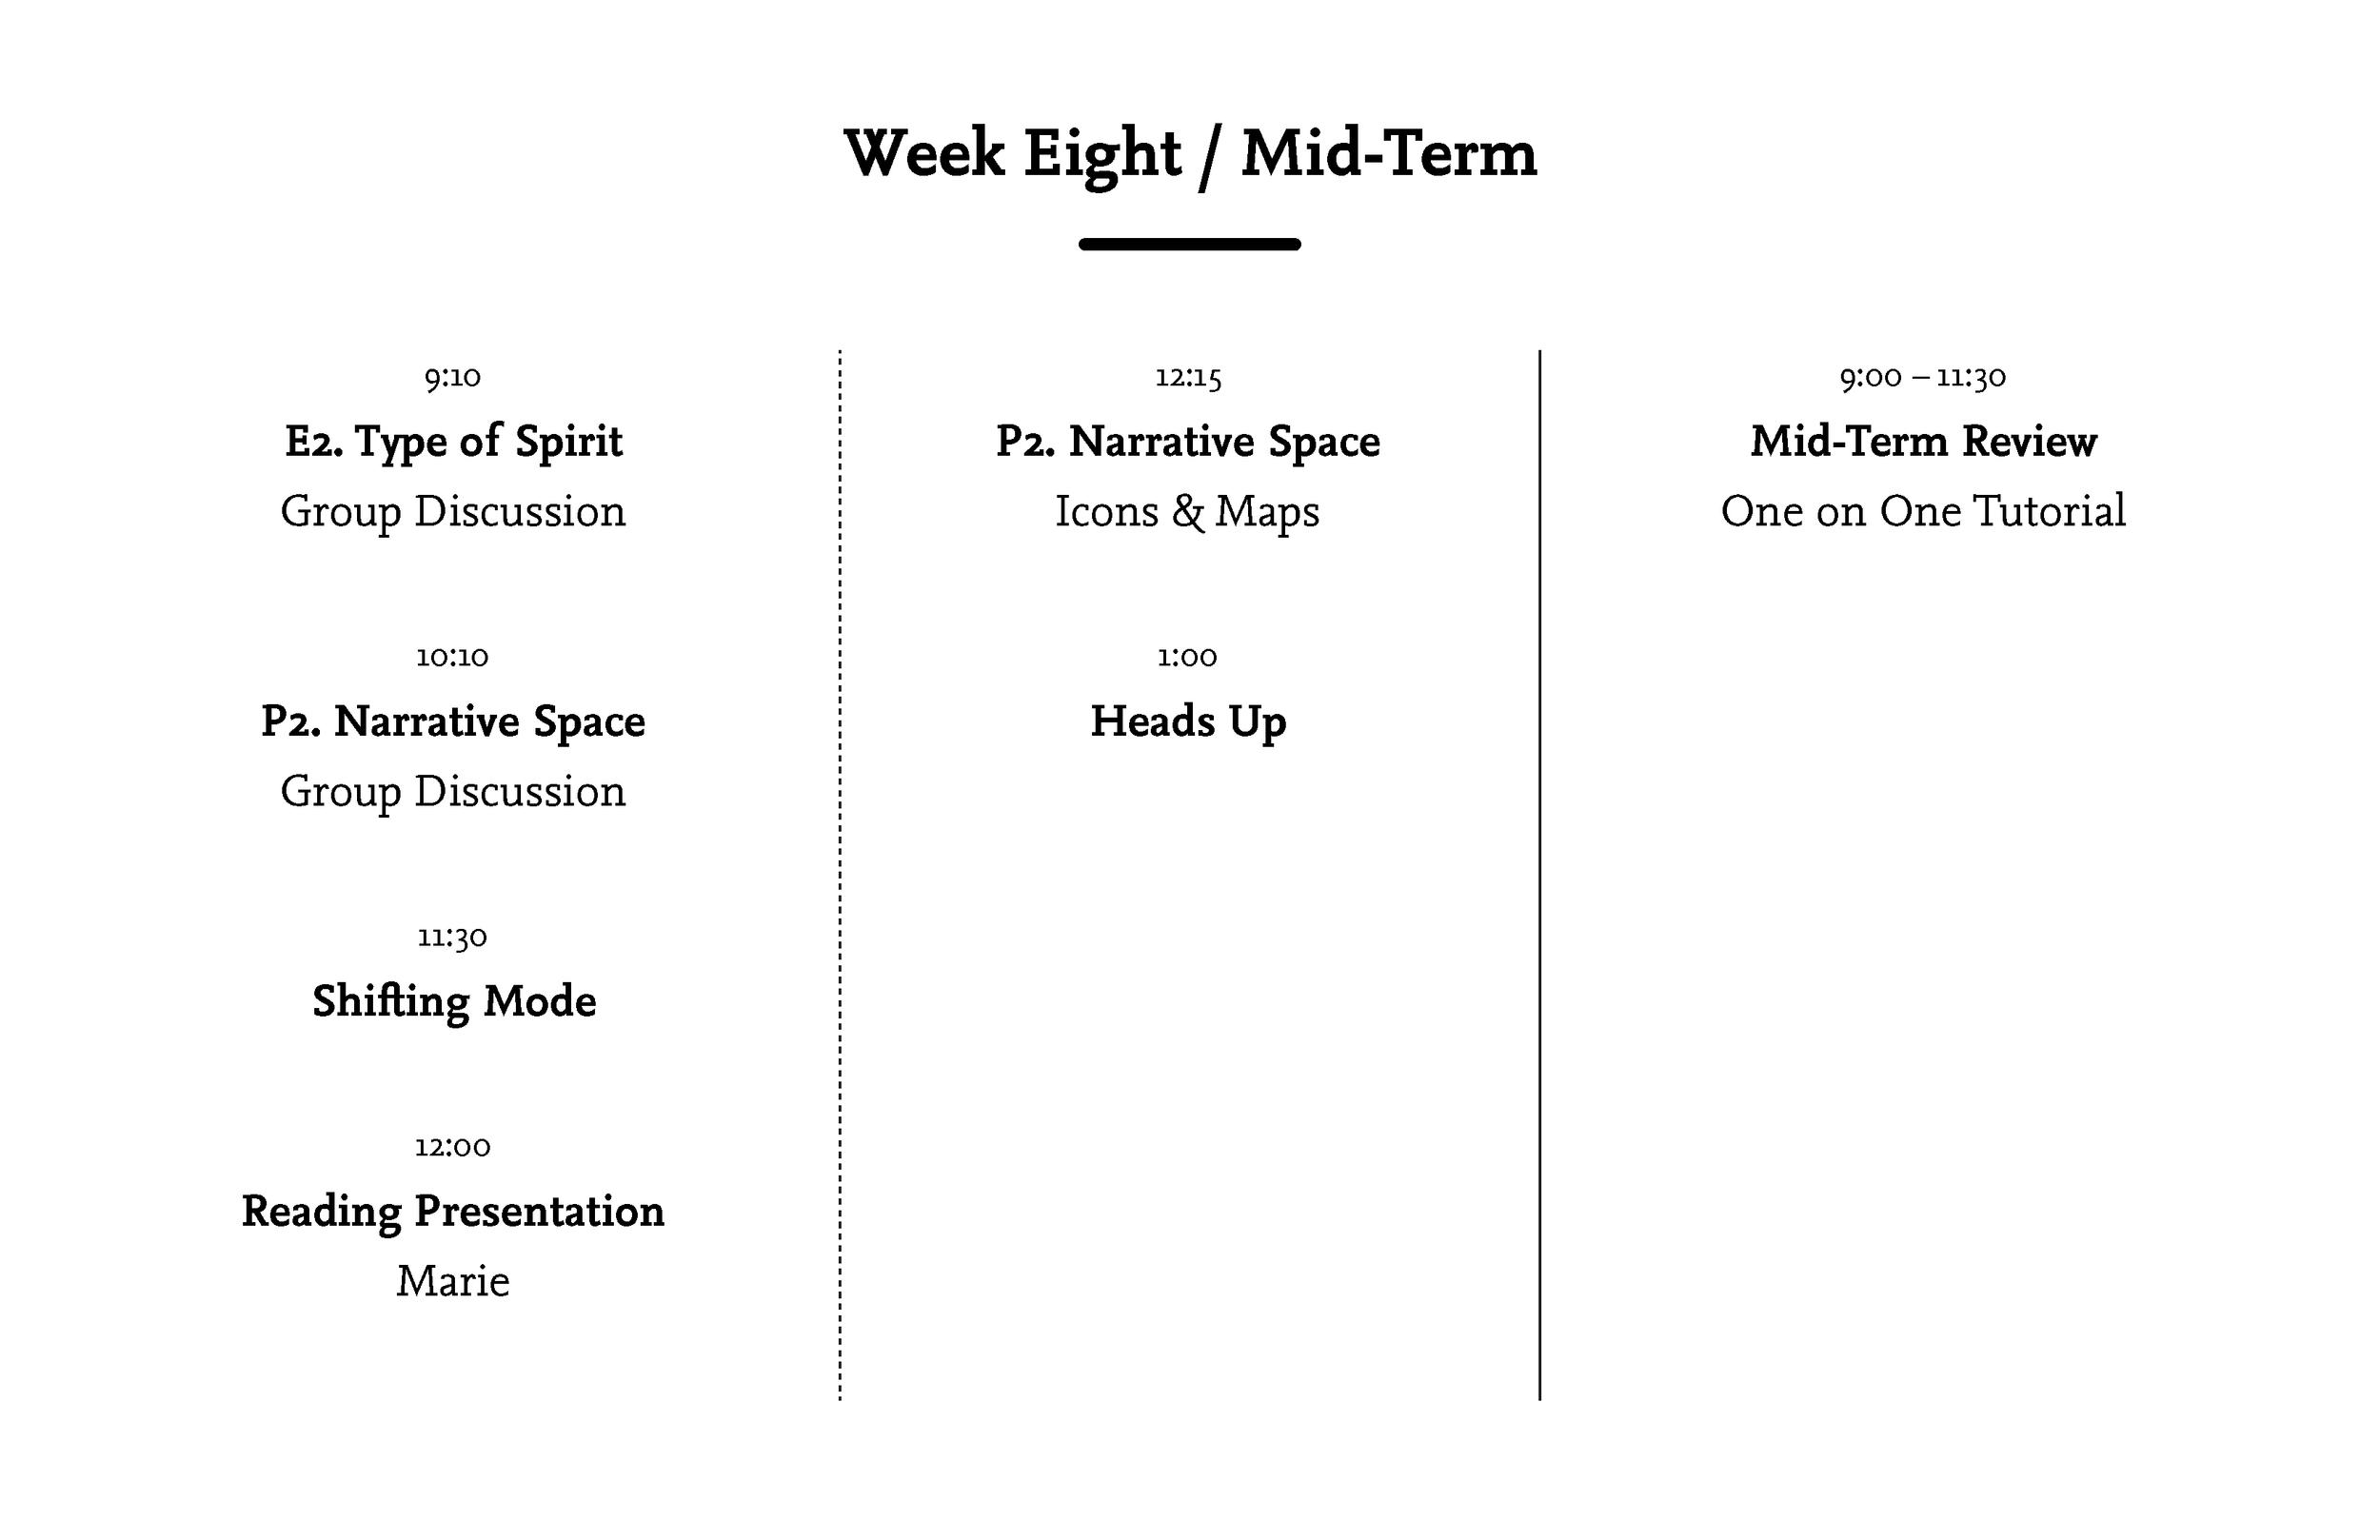 PEM_S19_Week_8_1_Page_02.png